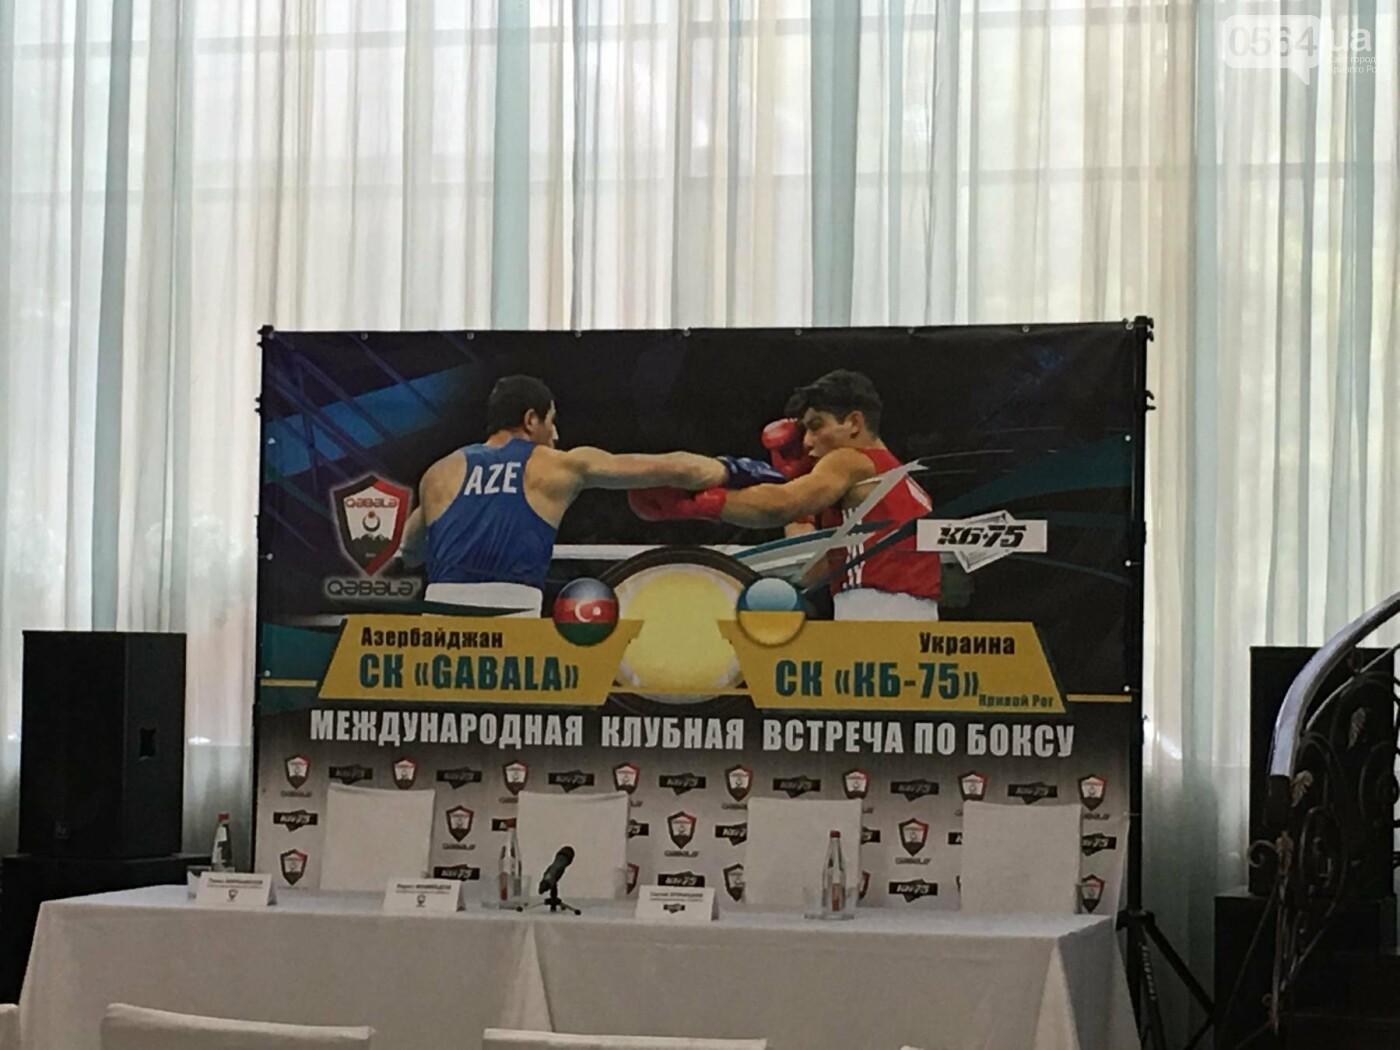 Перед вечером грандиозного бокса в Кривом Роге спортсмены показали отличную физическую форму (ФОТО, ВИДЕО), фото-43